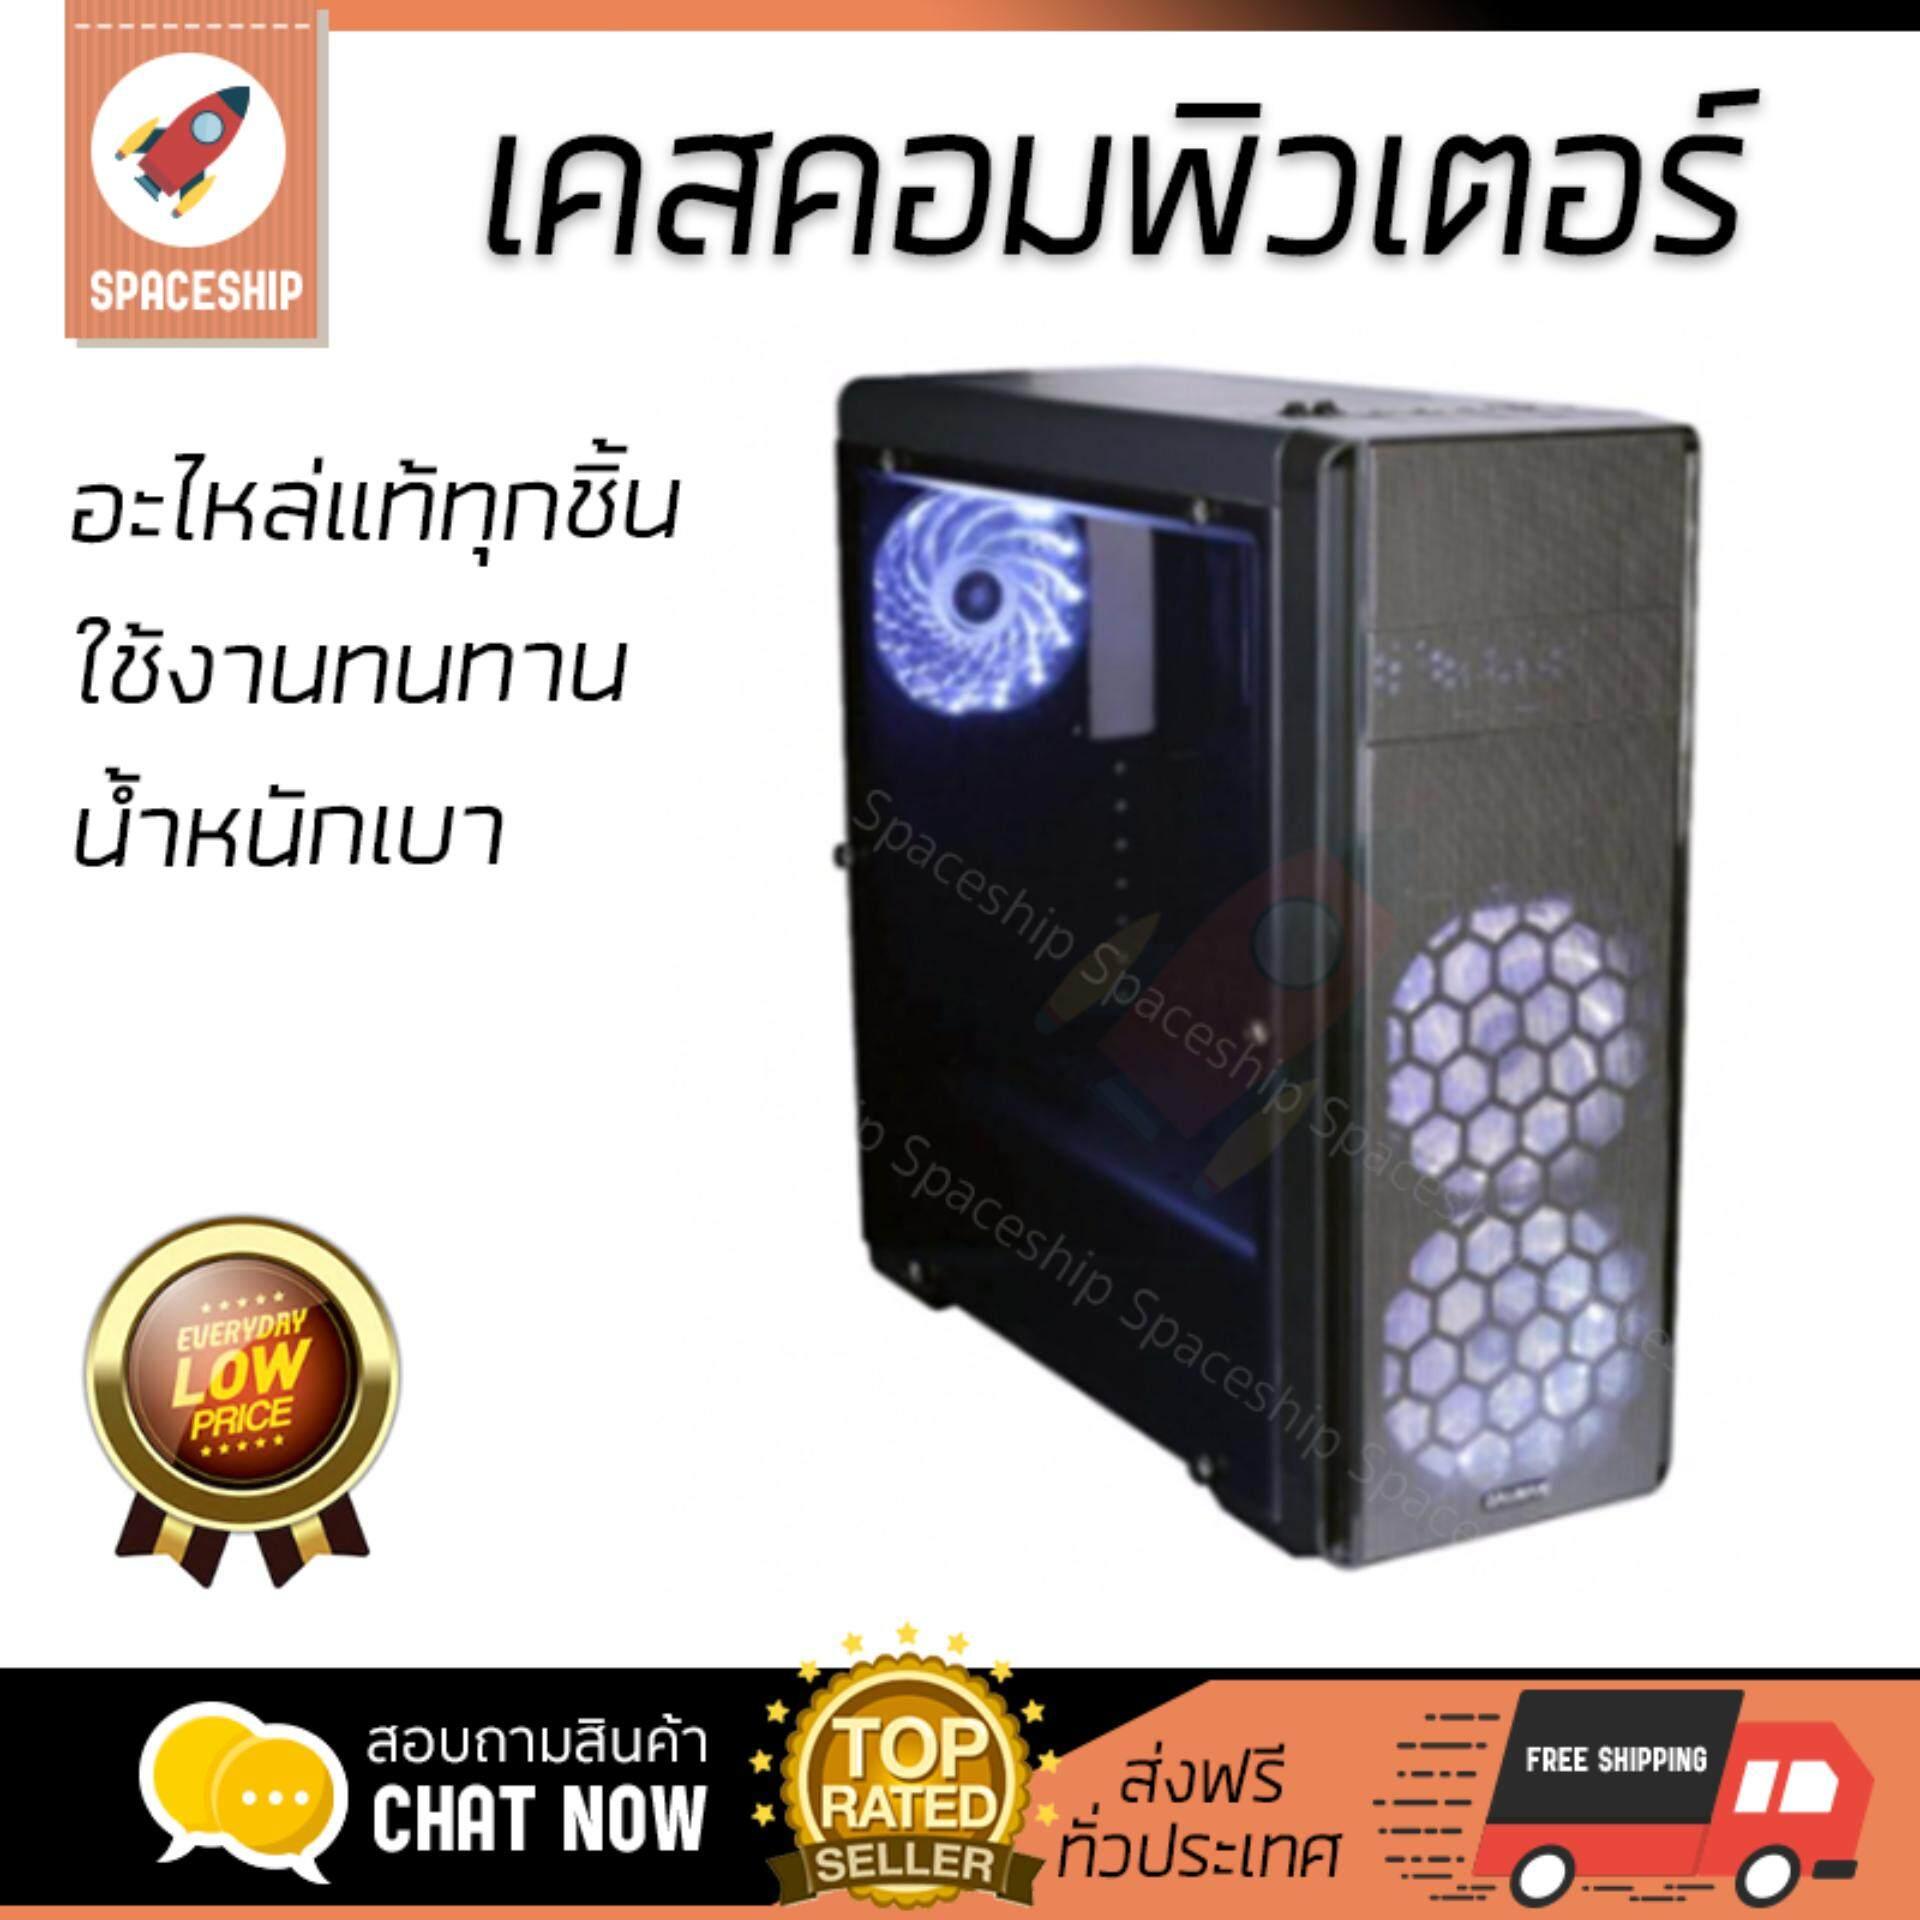 ลดสุดๆ ราคาพิเศษ เคสคอมพิวเตอร์  Zalman Computer Case N3 Black ทนทาน อะไหล่แท้ทุกชิ้น Computer Case  จัดส่งฟรี Kerry ทั่วประเทศ